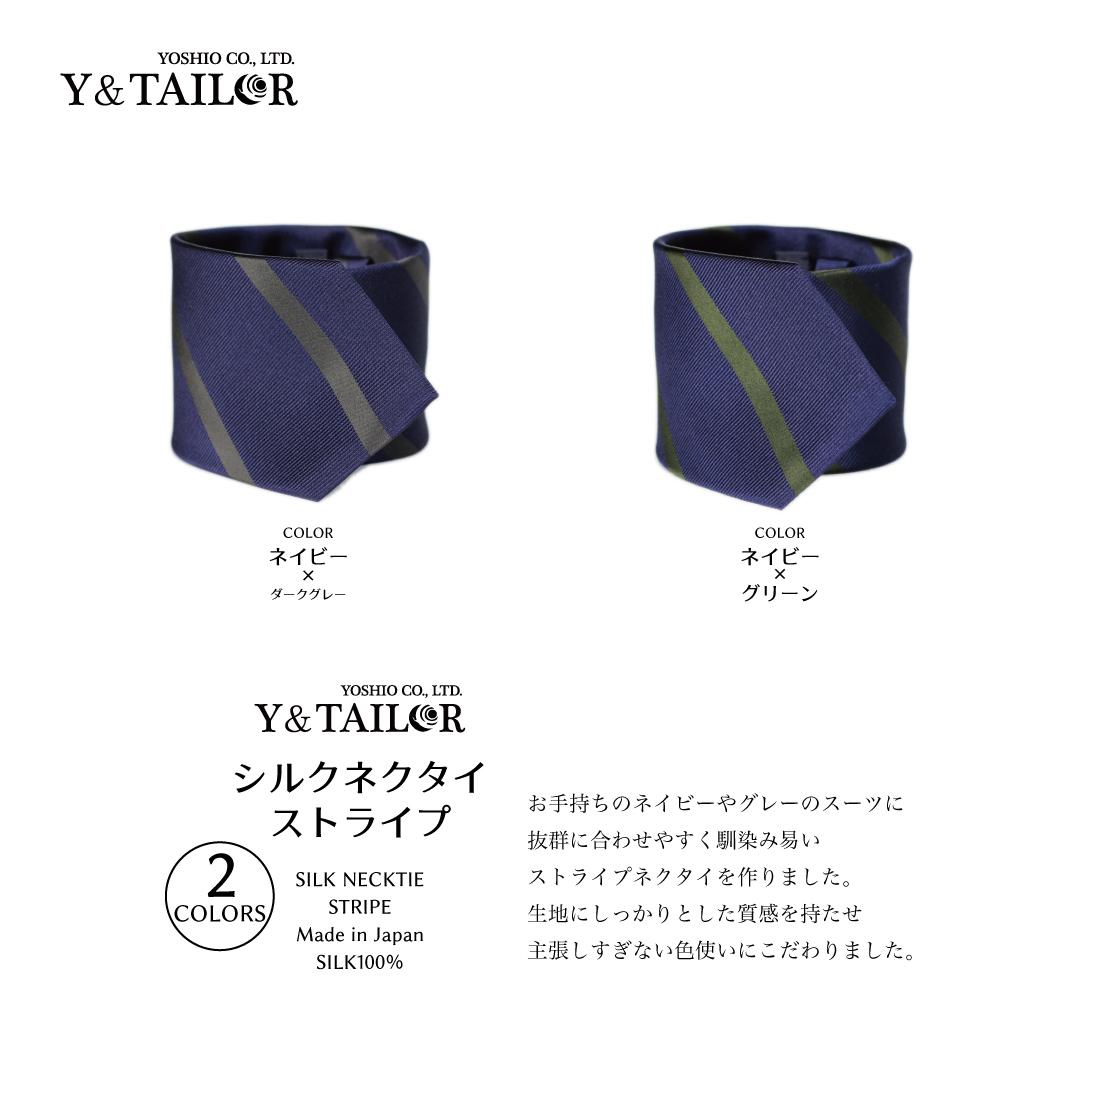 ネクタイ シルク ストライプ ネイビー織柄 2colors